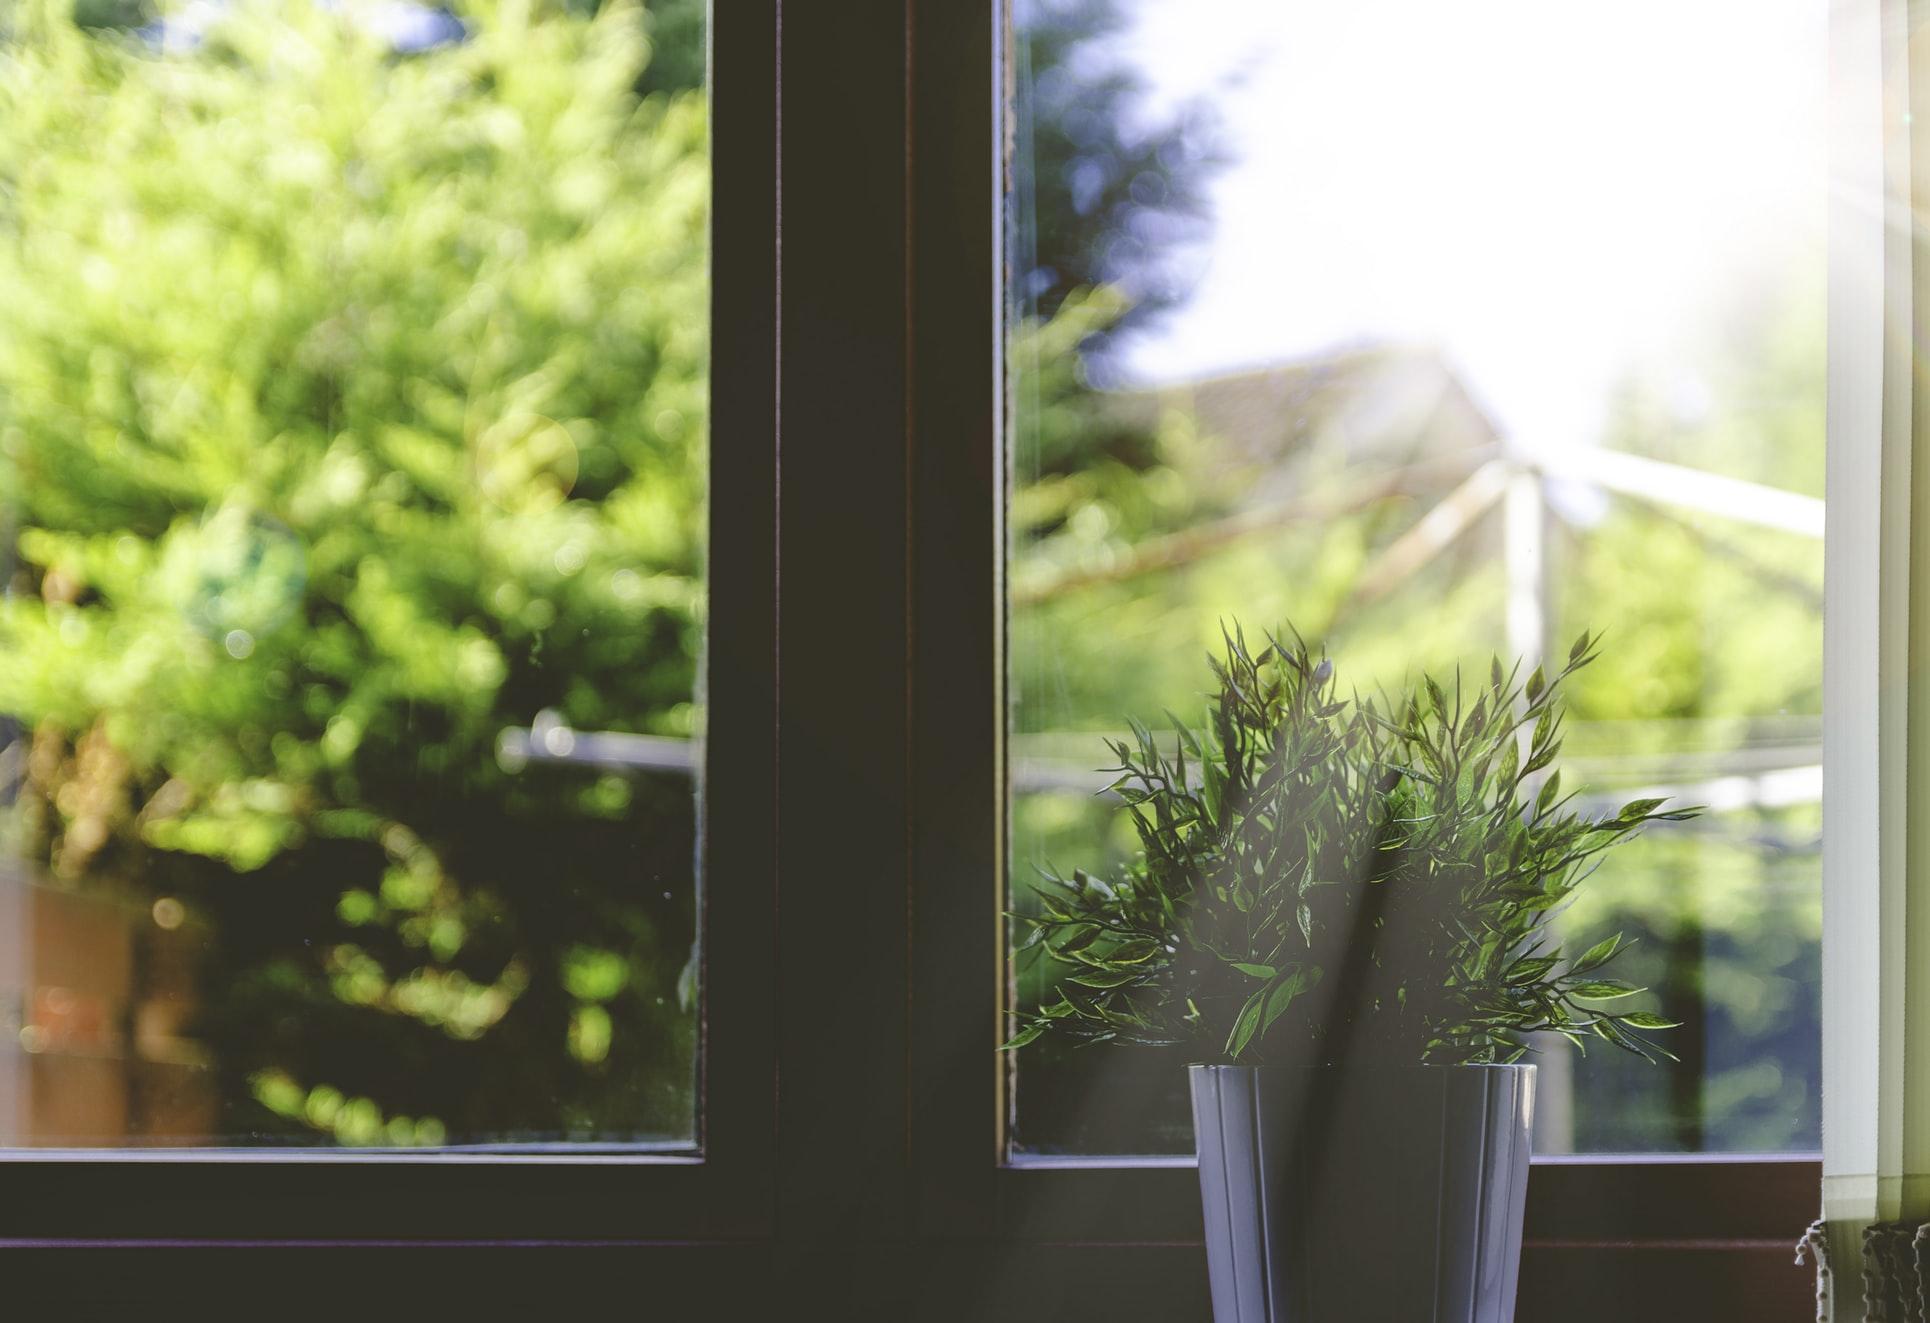 Full Size of Fenster Kaufen In Polen Polnische Online Qualitt Aus Aluminium Küche Industriedesign Gaskamin Garten Breaking Bad Schüco Schweizer Hof Füssing Einbauen Fenster Fenster Kaufen In Polen